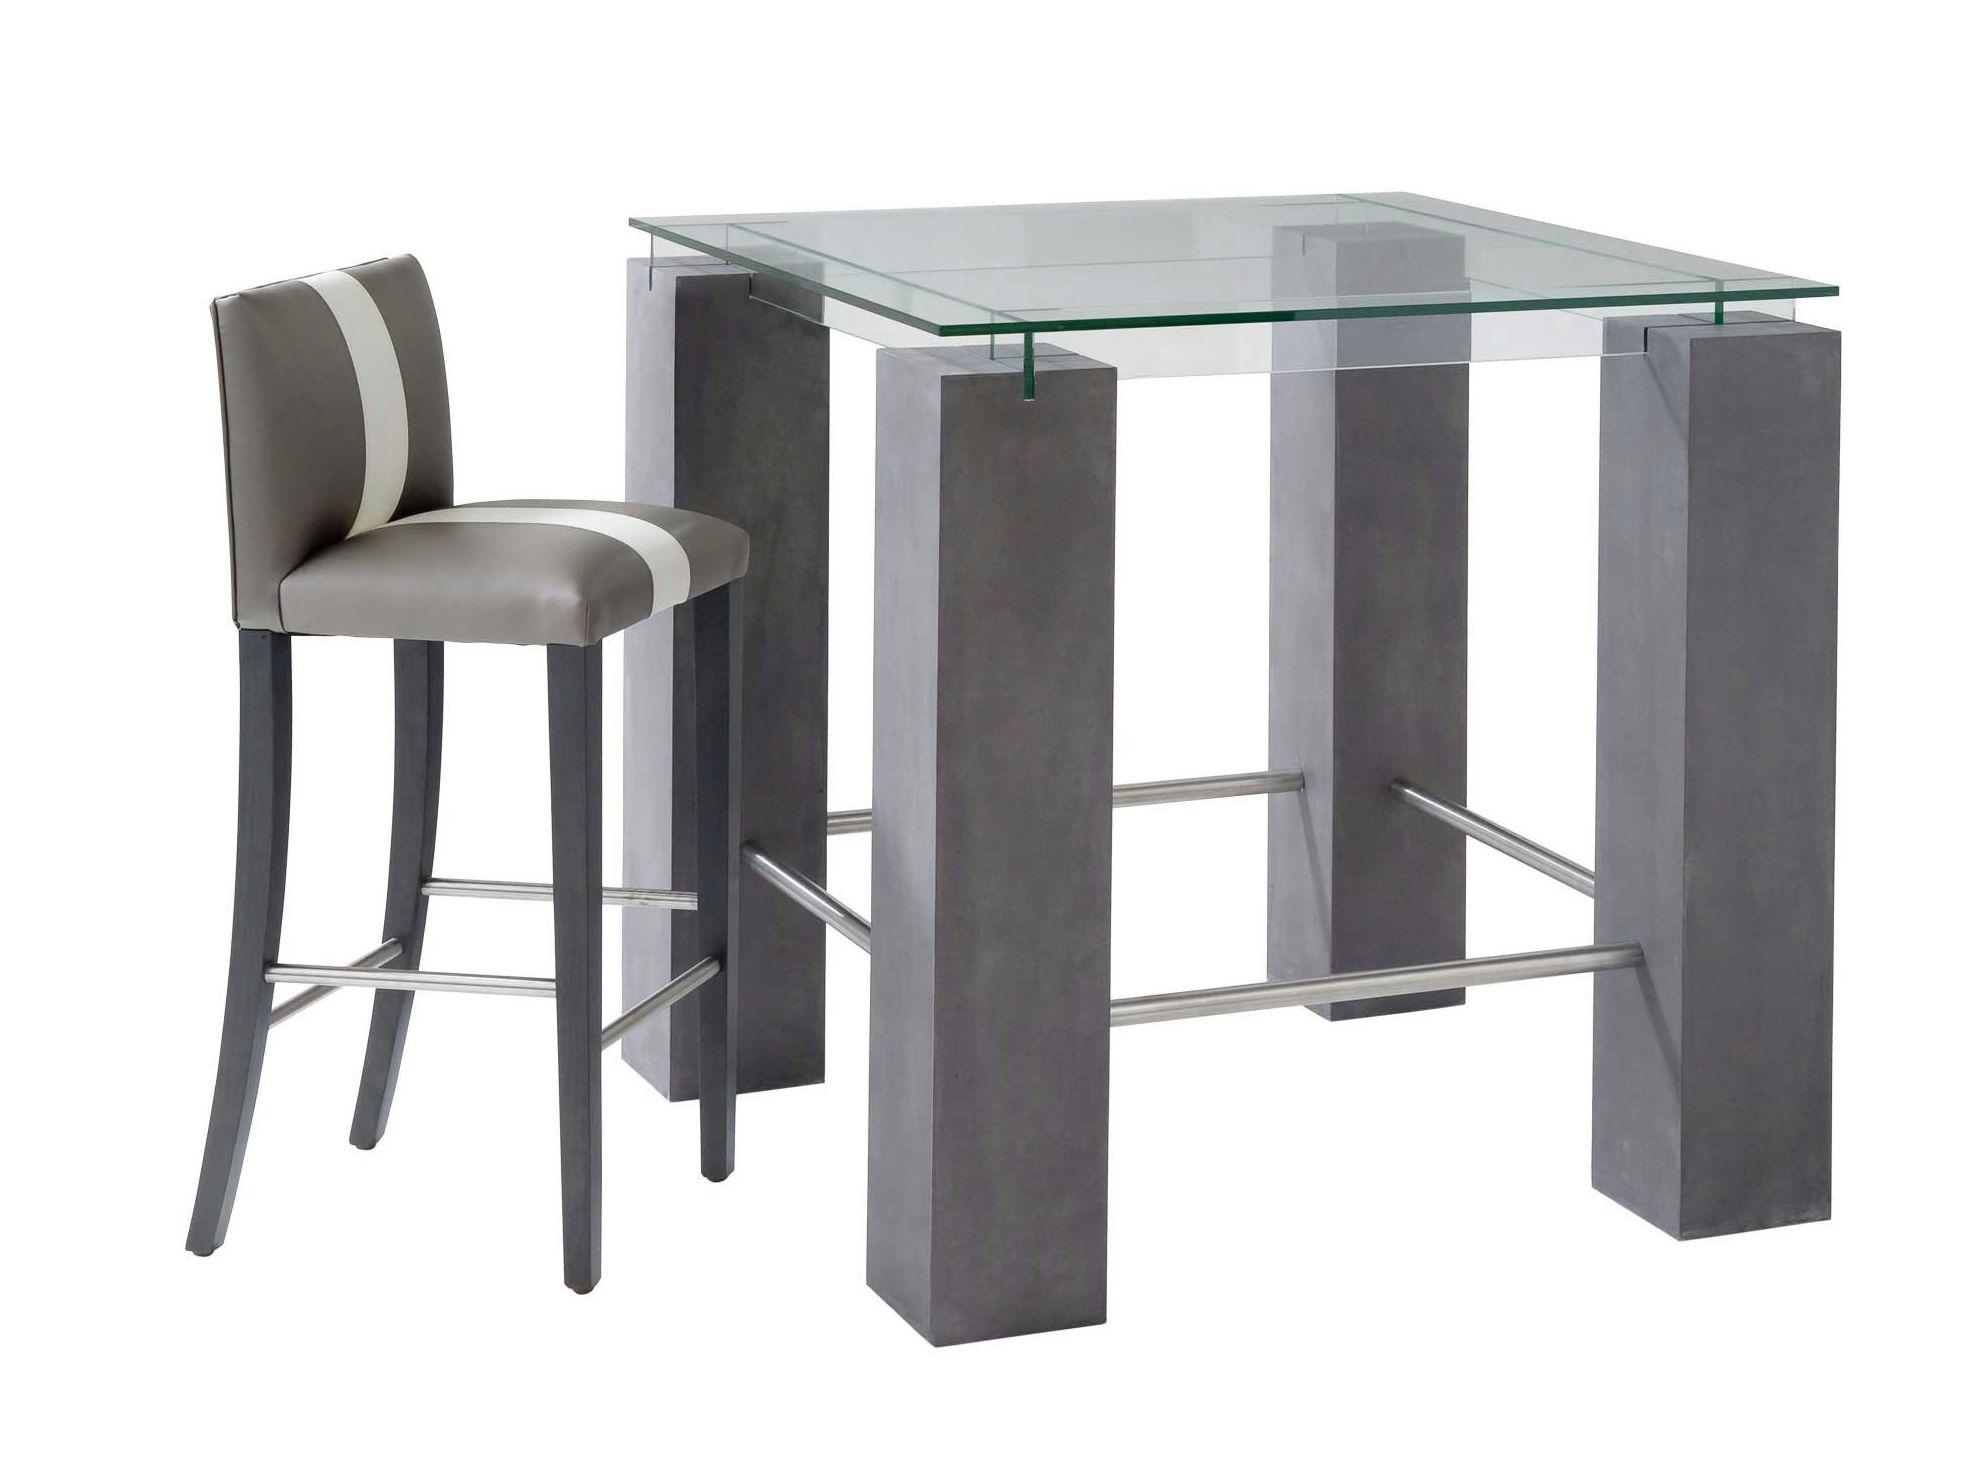 30 merveilleux mange debout table haute hzt6 armoires de cuisine. Black Bedroom Furniture Sets. Home Design Ideas